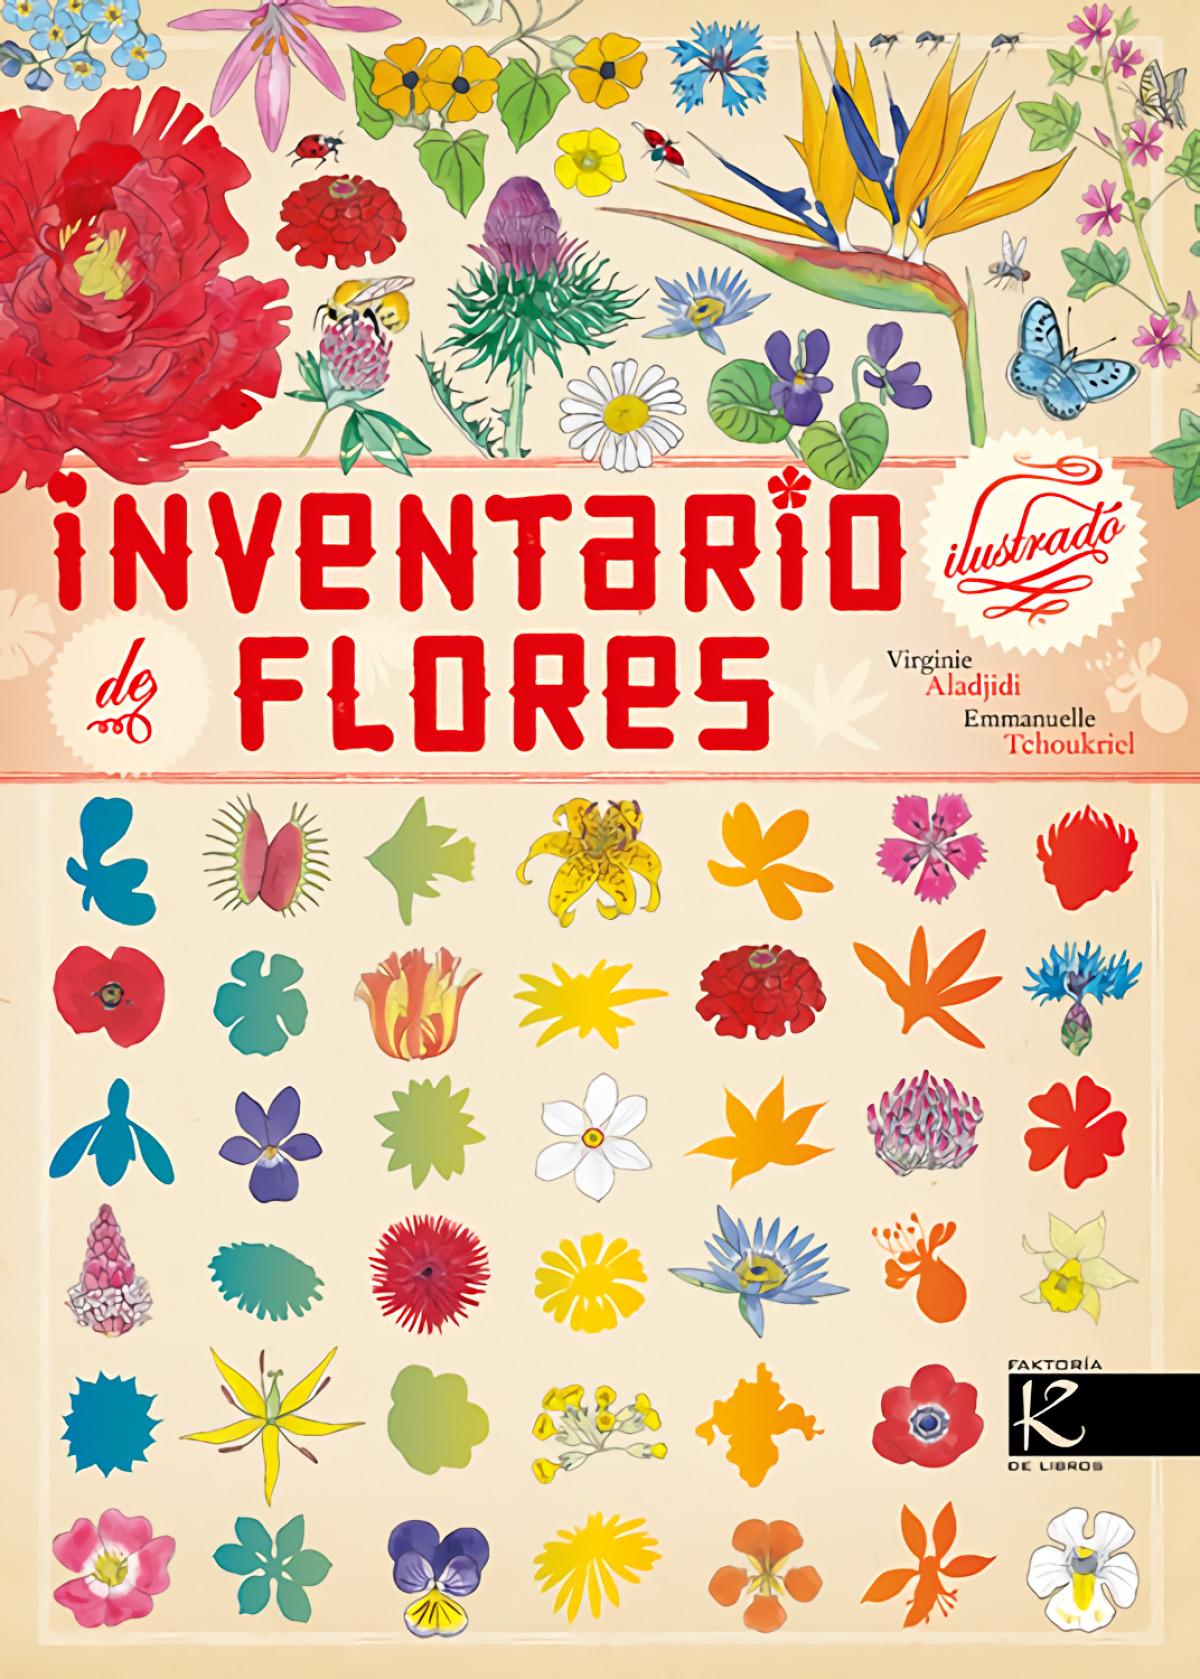 INVENTARIO ILUSTRADO DE FLORES 9788416721085